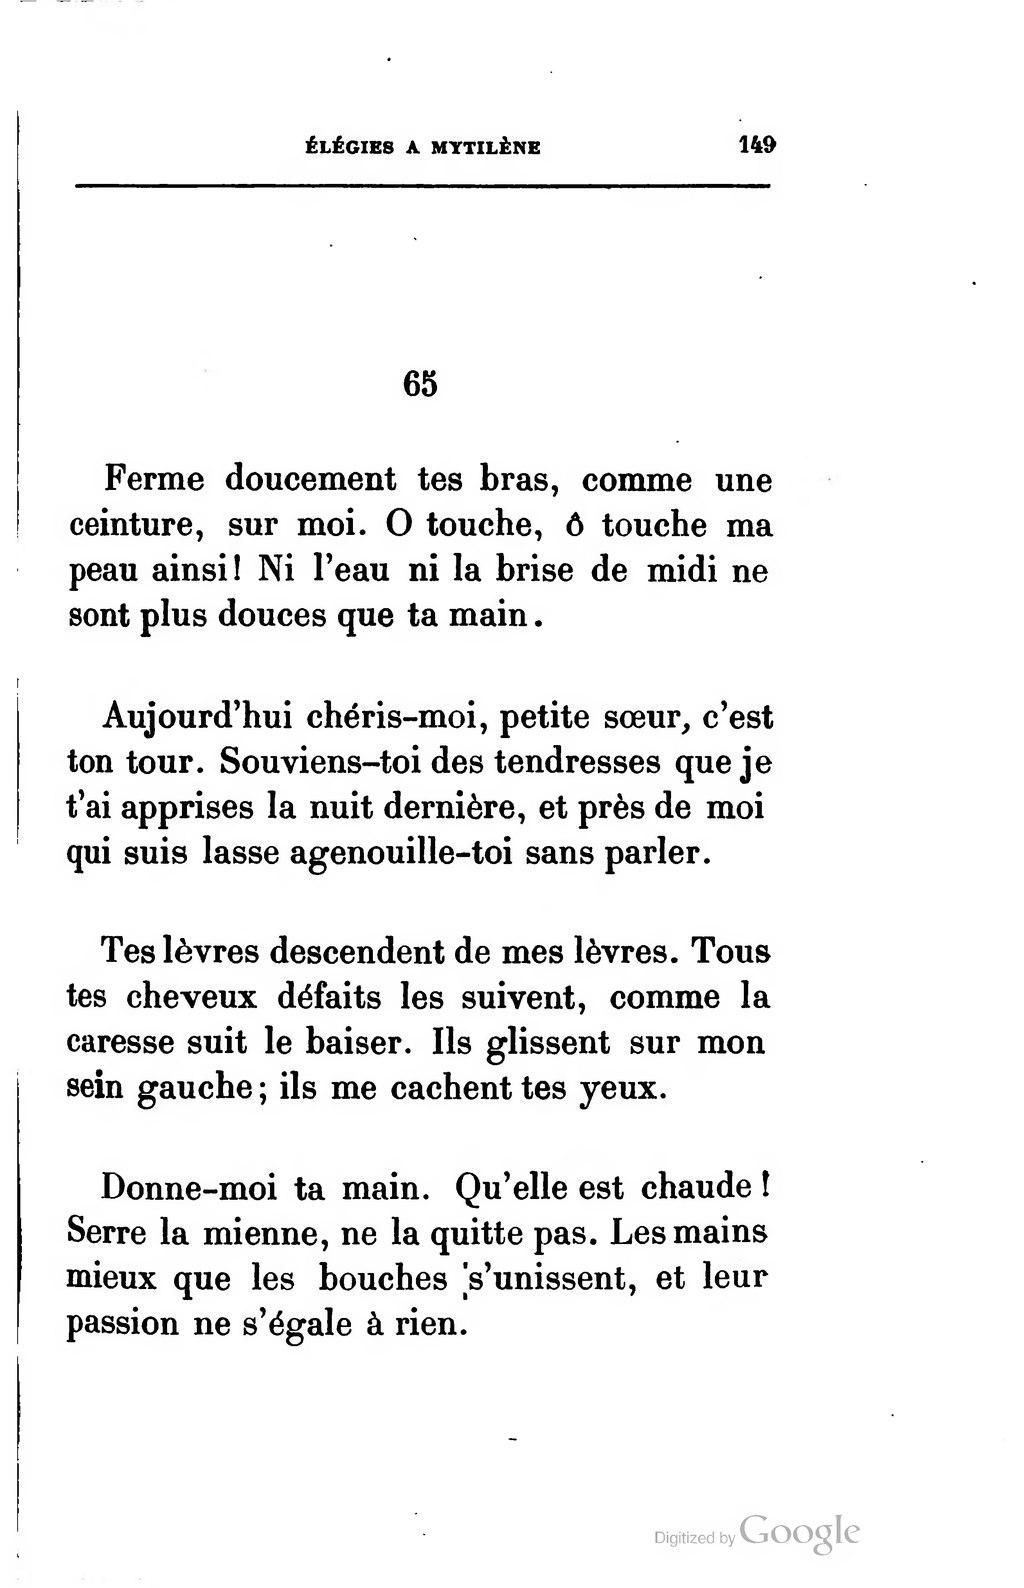 Pagelouÿs Les Chansons De Bilitis 1898djvu154 Wikisource